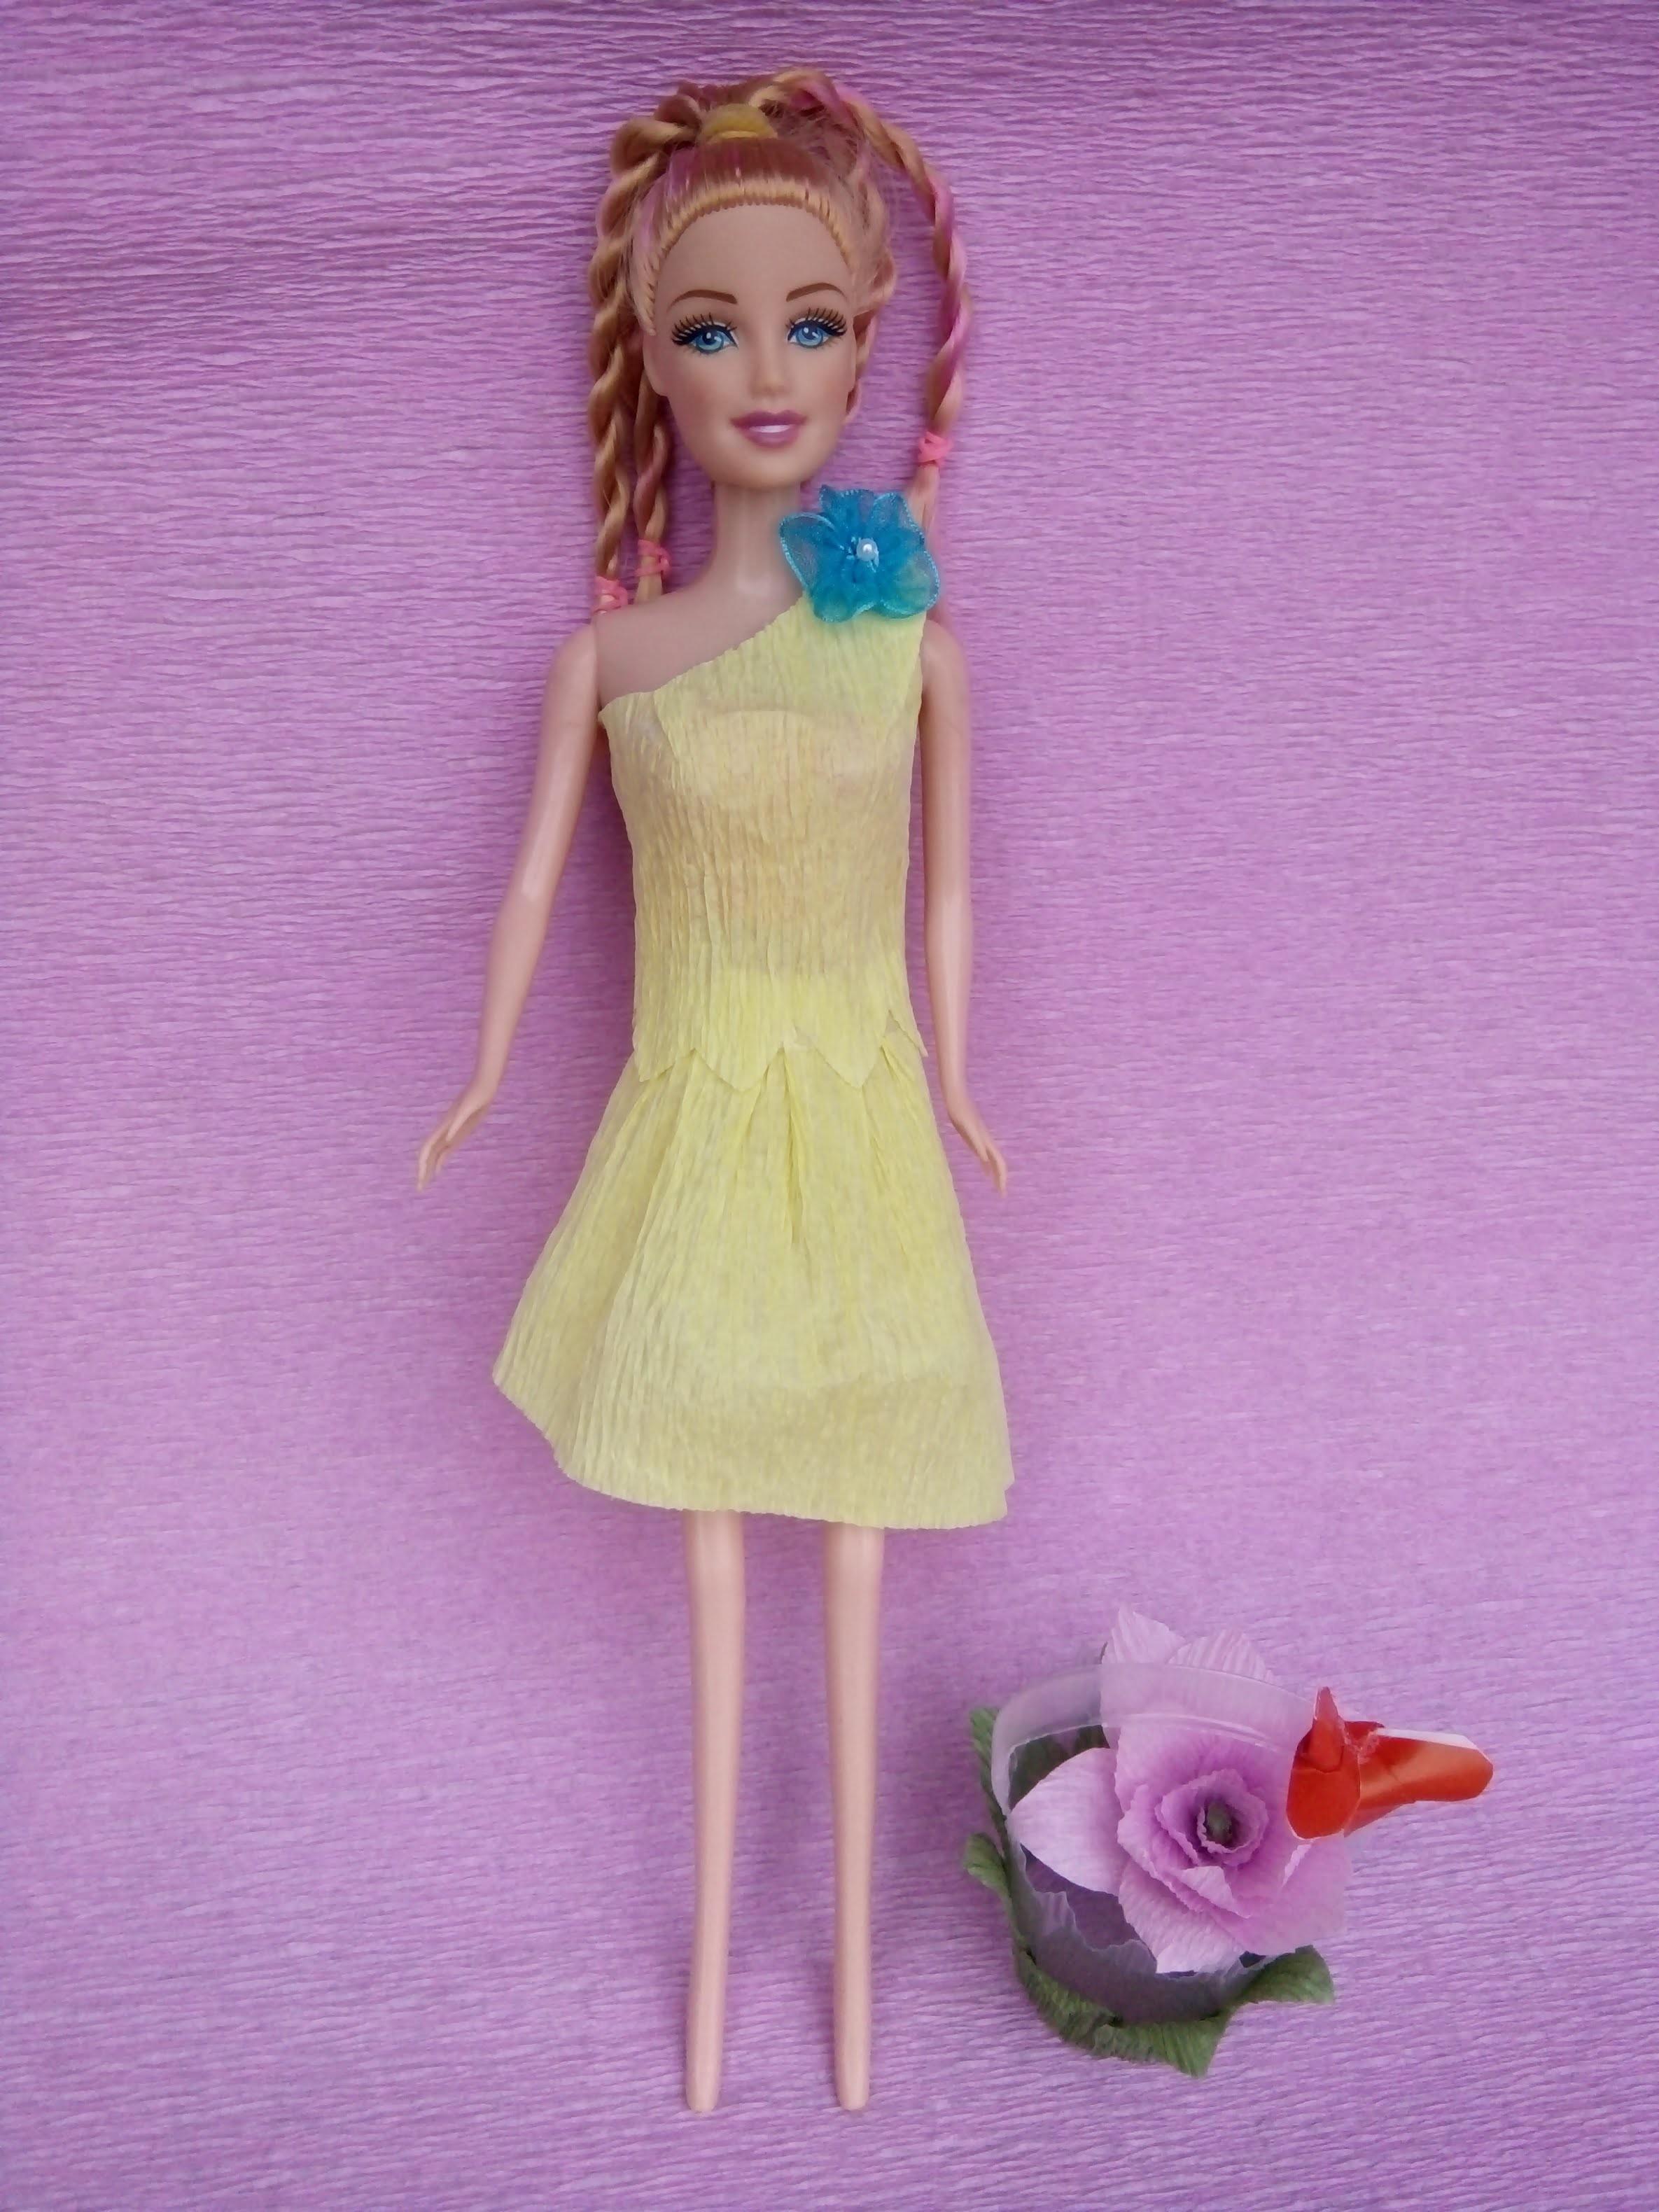 How to make paper dresses for Barbie Part 3    Làm váy bằng giấy cho búp bê Barbie  Tập 3